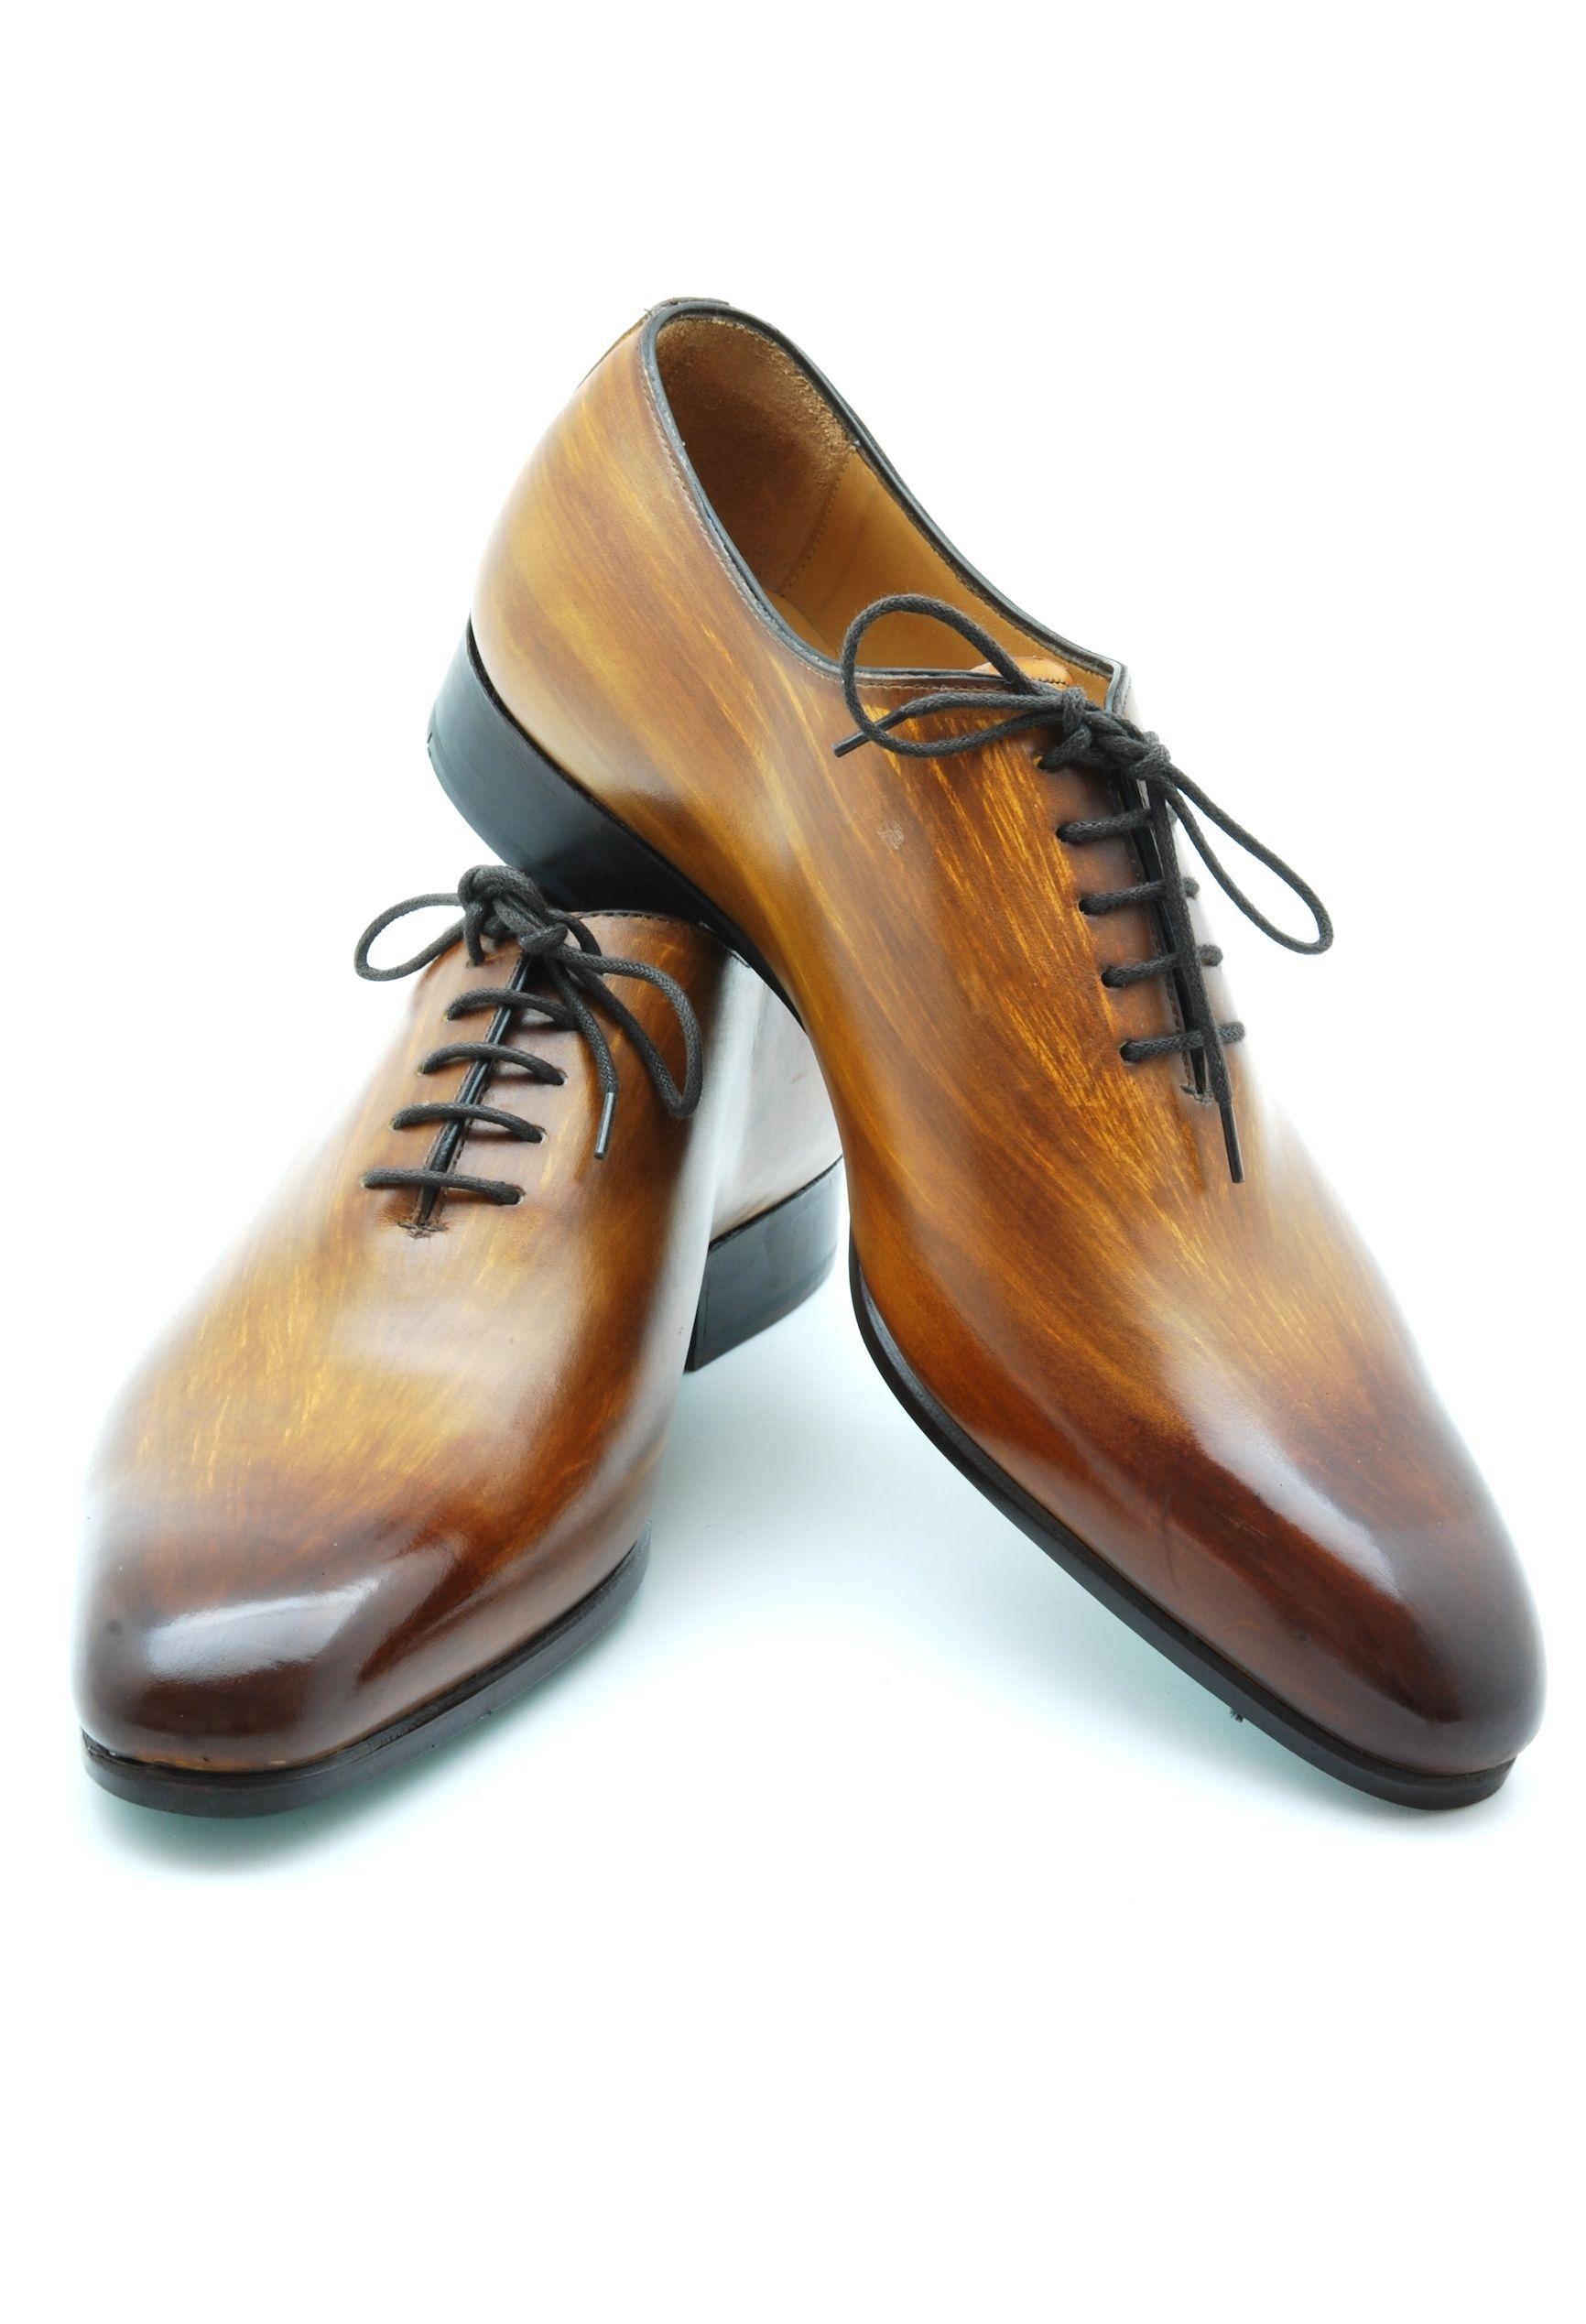 chaussure carlos santos haut de gamme patine marron. Black Bedroom Furniture Sets. Home Design Ideas